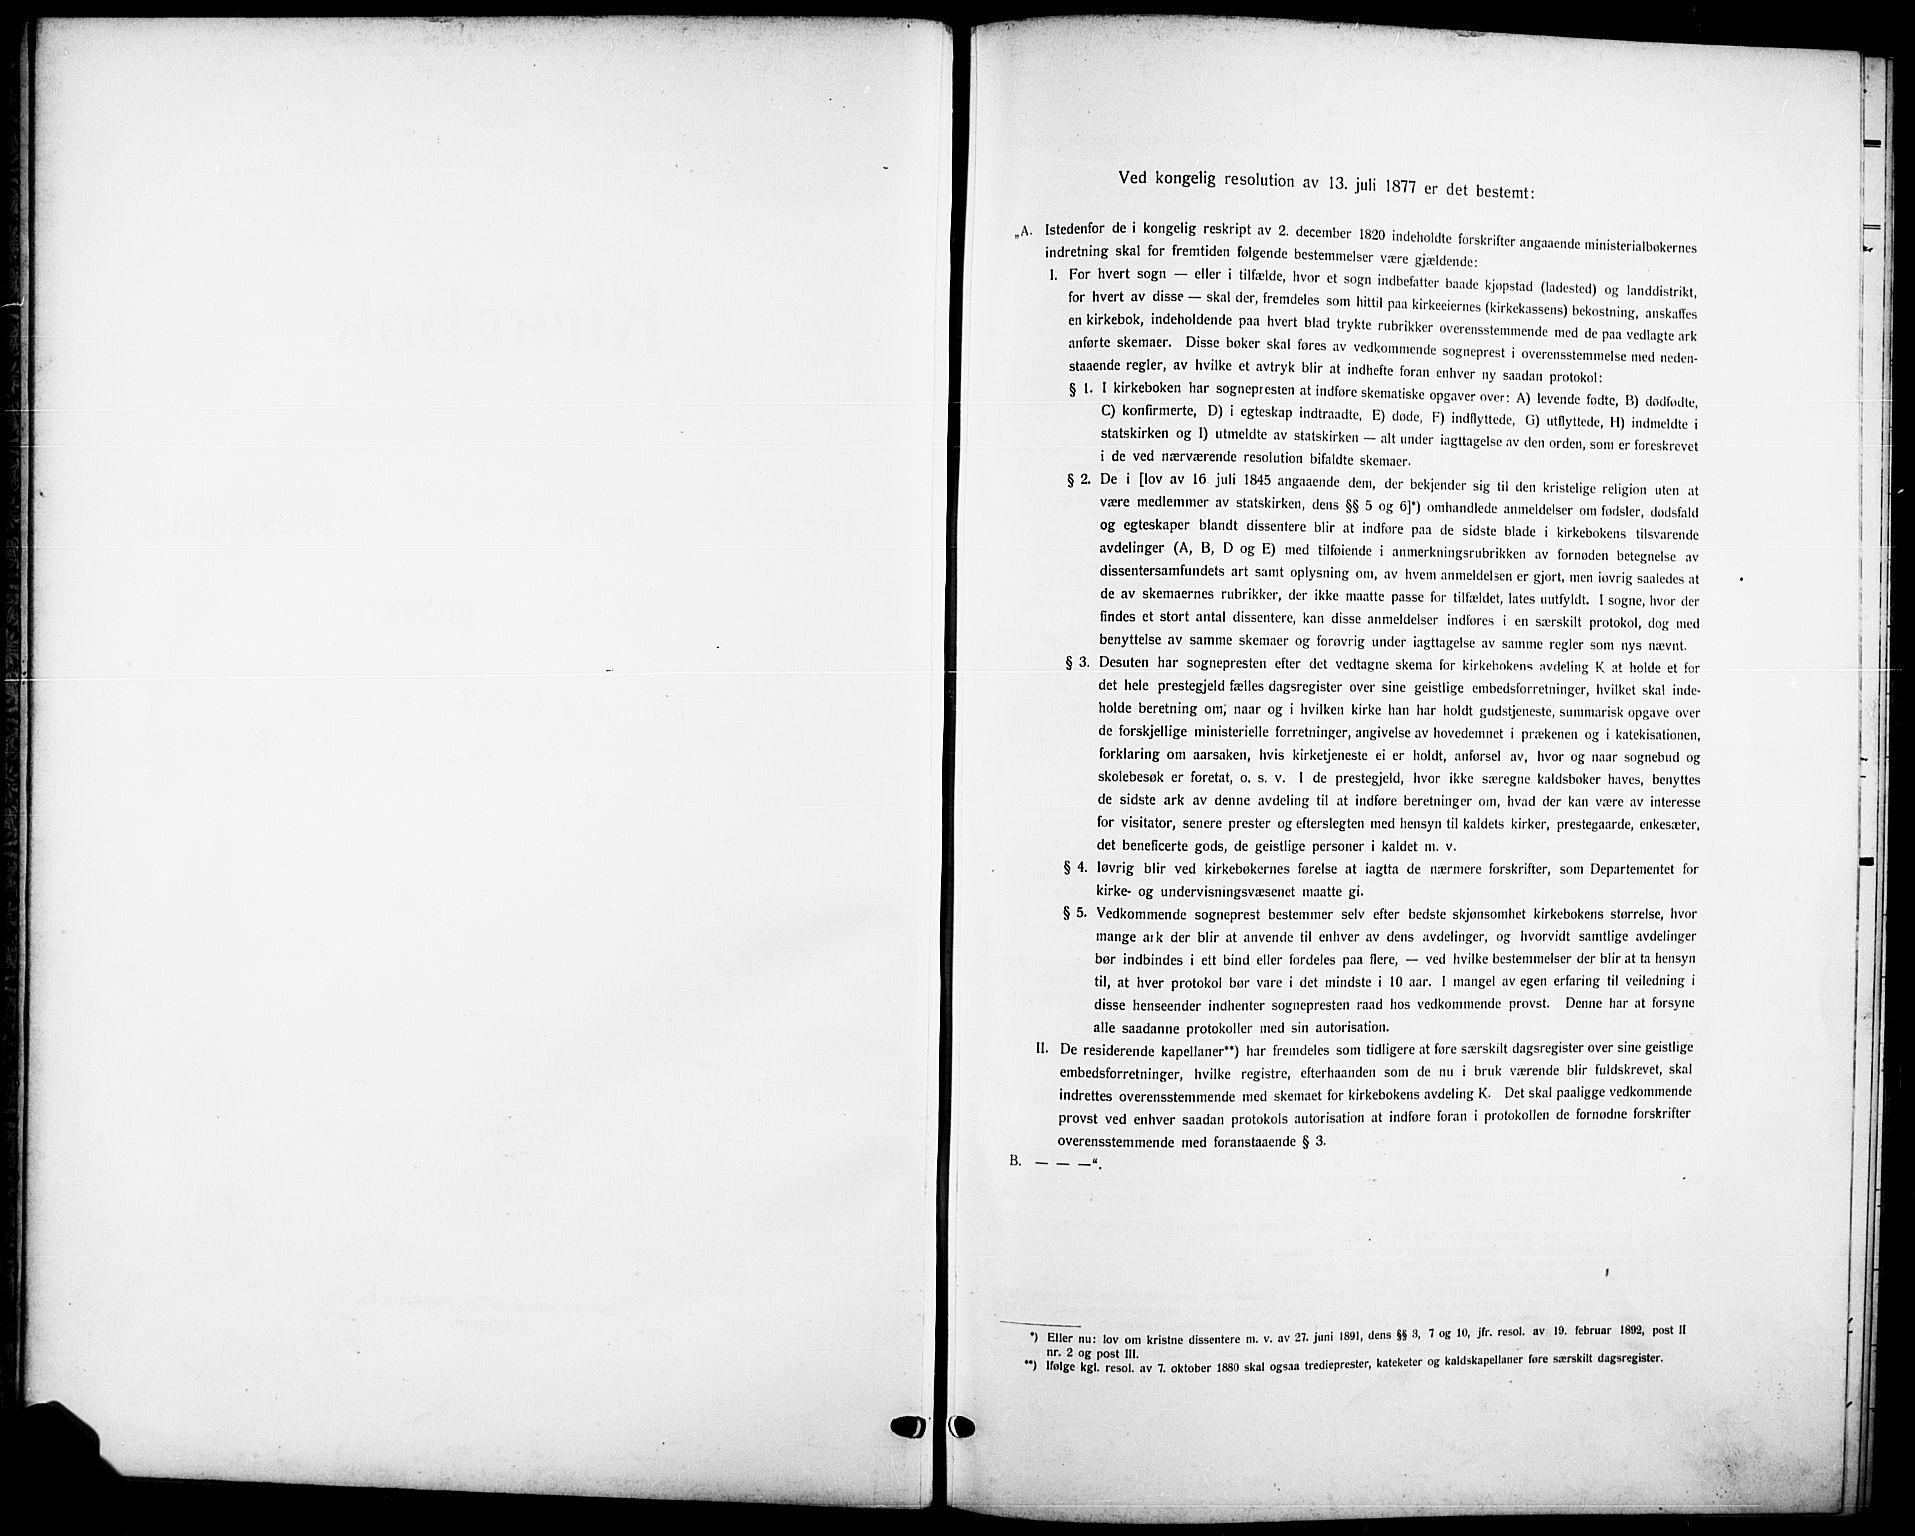 SAKO, Skåtøy kirkebøker, G/Ga/L0005: Klokkerbok nr. I 5, 1915-1925